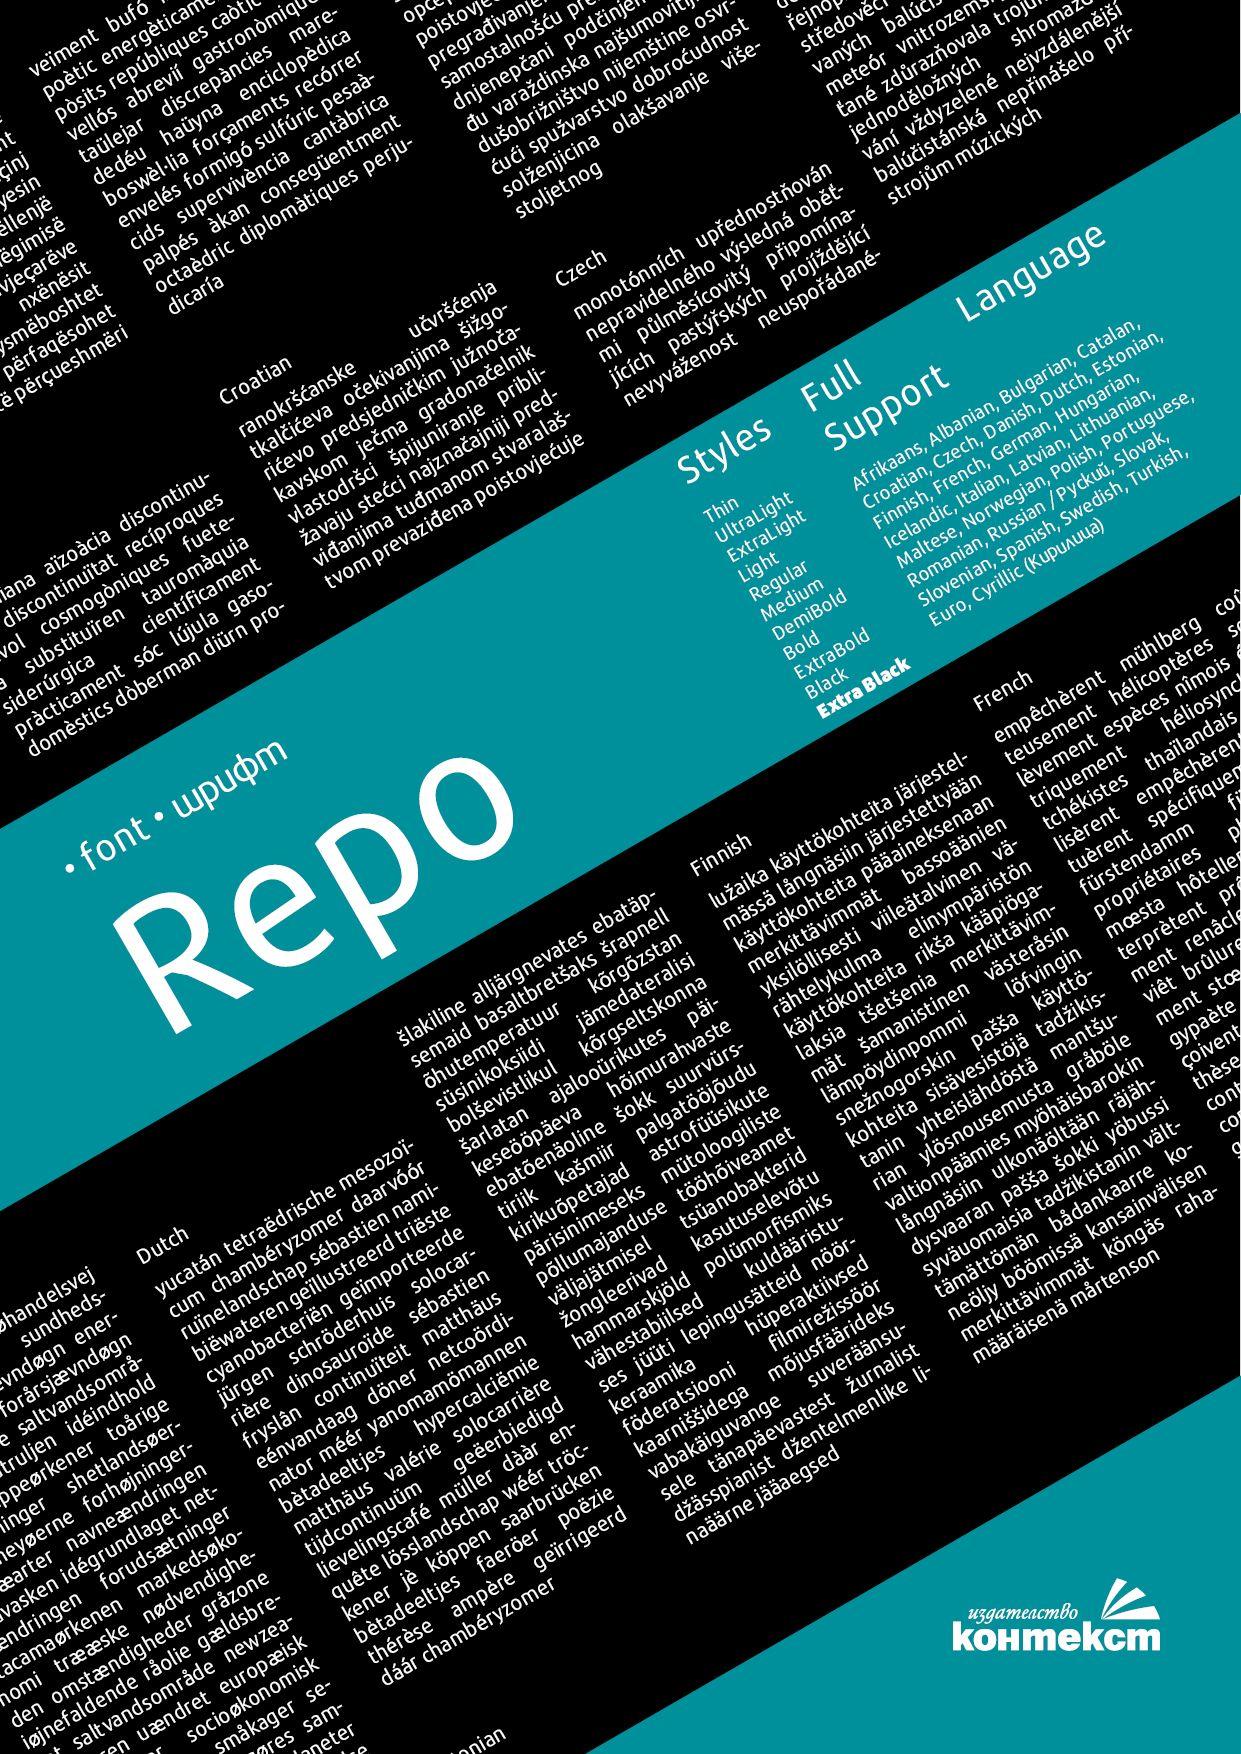 Font Repo Fonts, Tech company logos, Company logo